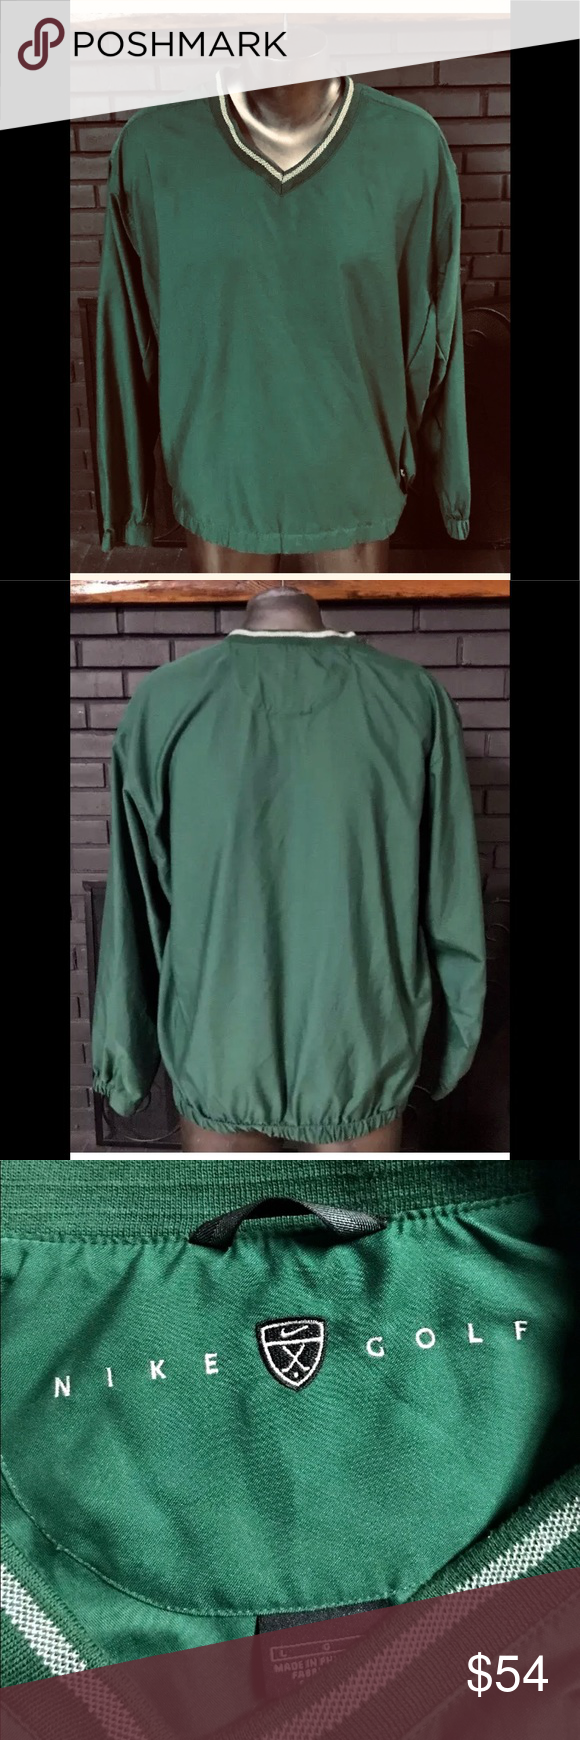 Vintage Nike Pullover Jacket Green L Vintage Nike Pullover Jacket Green Jacket